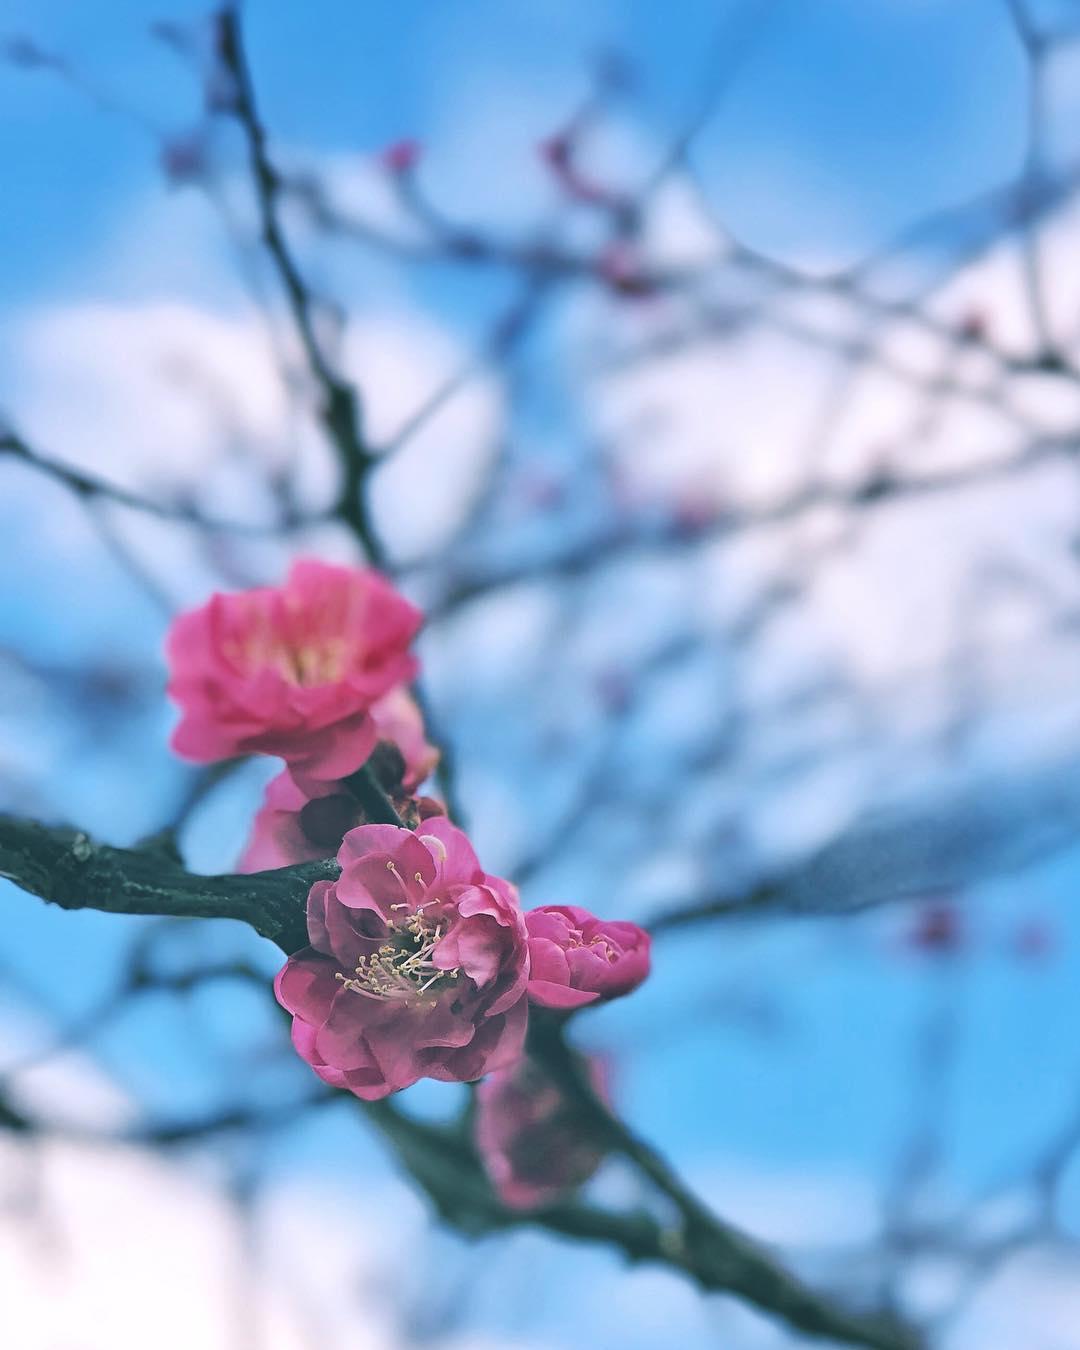 Prémisses du printemps à venir